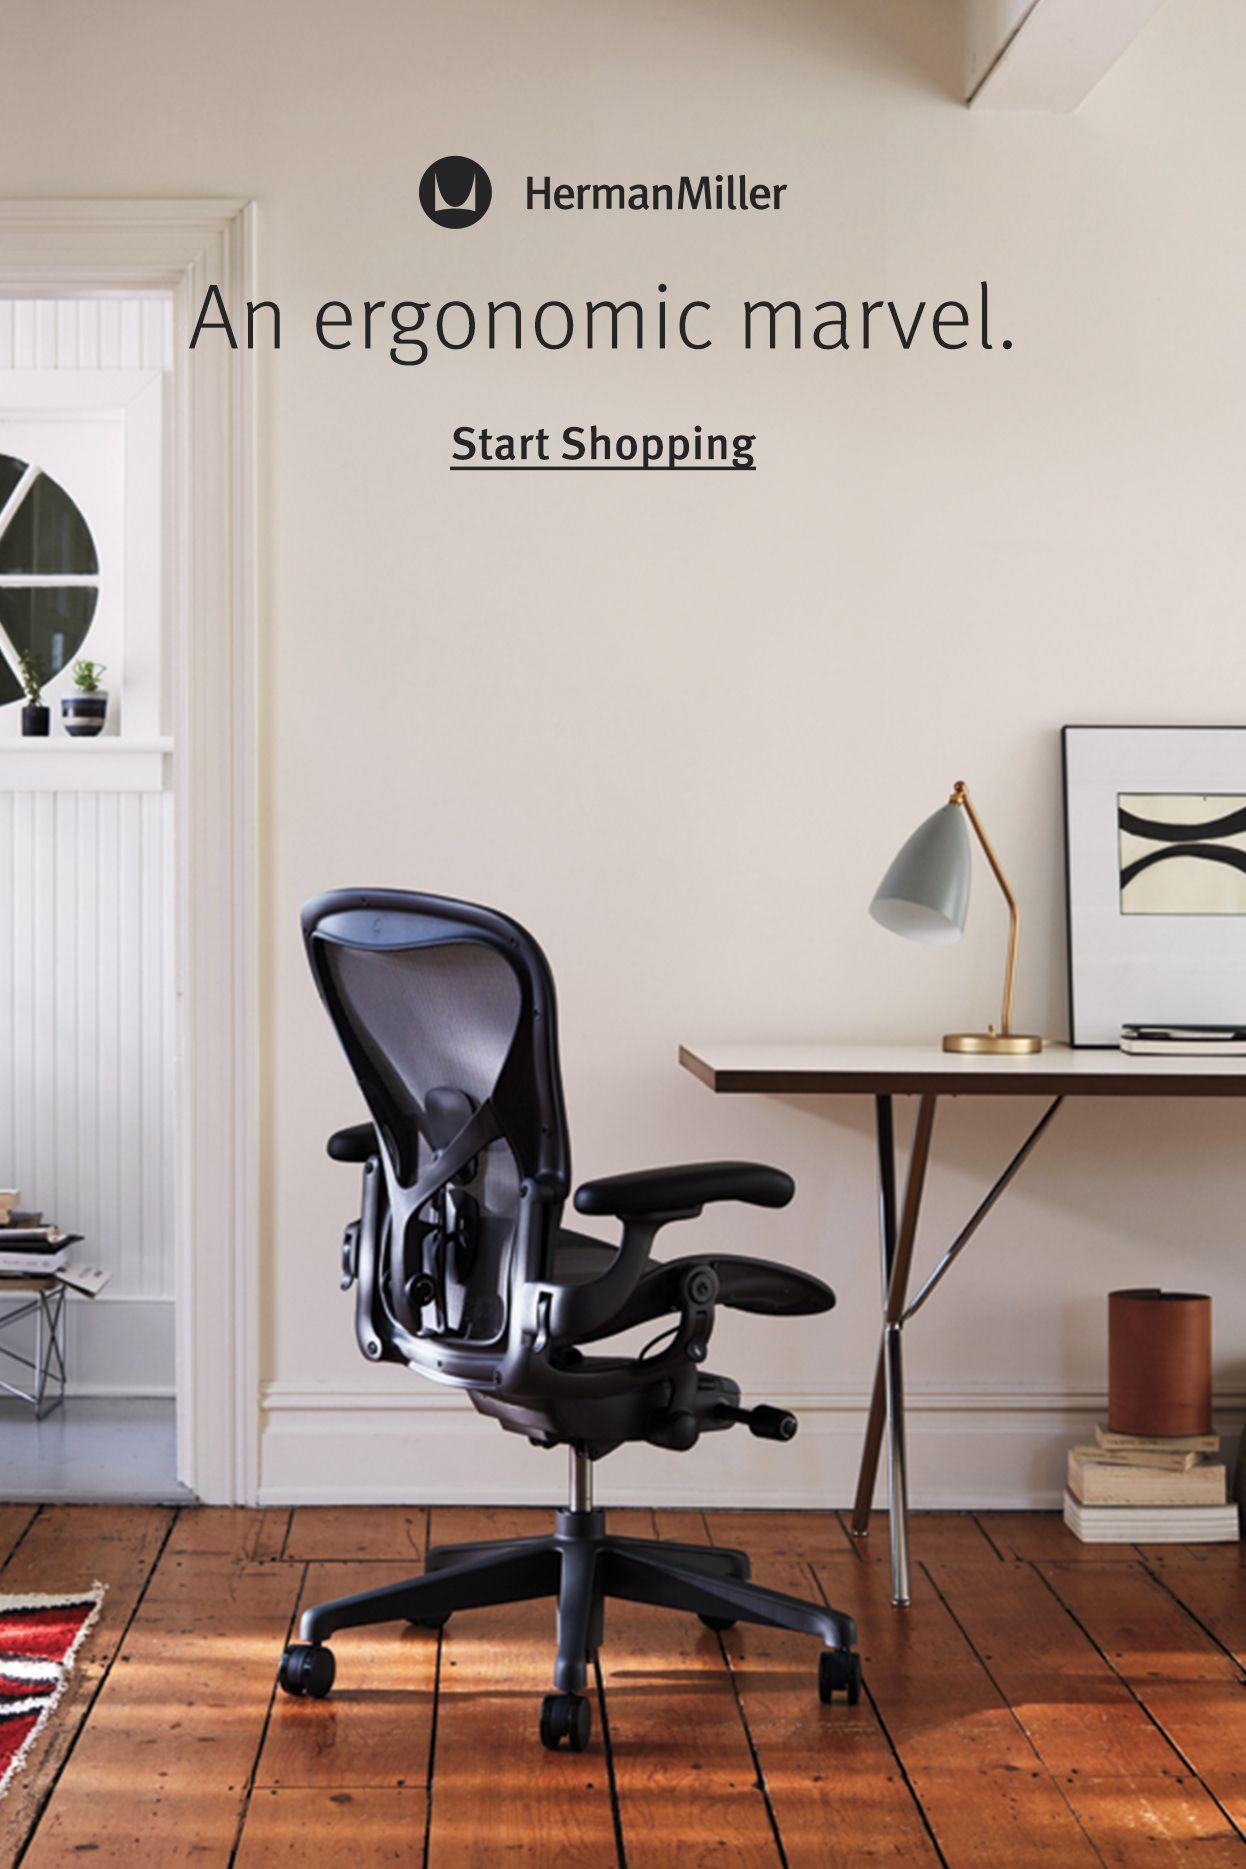 Aeron Chair In 2020 Ergonomic Office Chair Home Office Chairs Best Ergonomic Office Chair